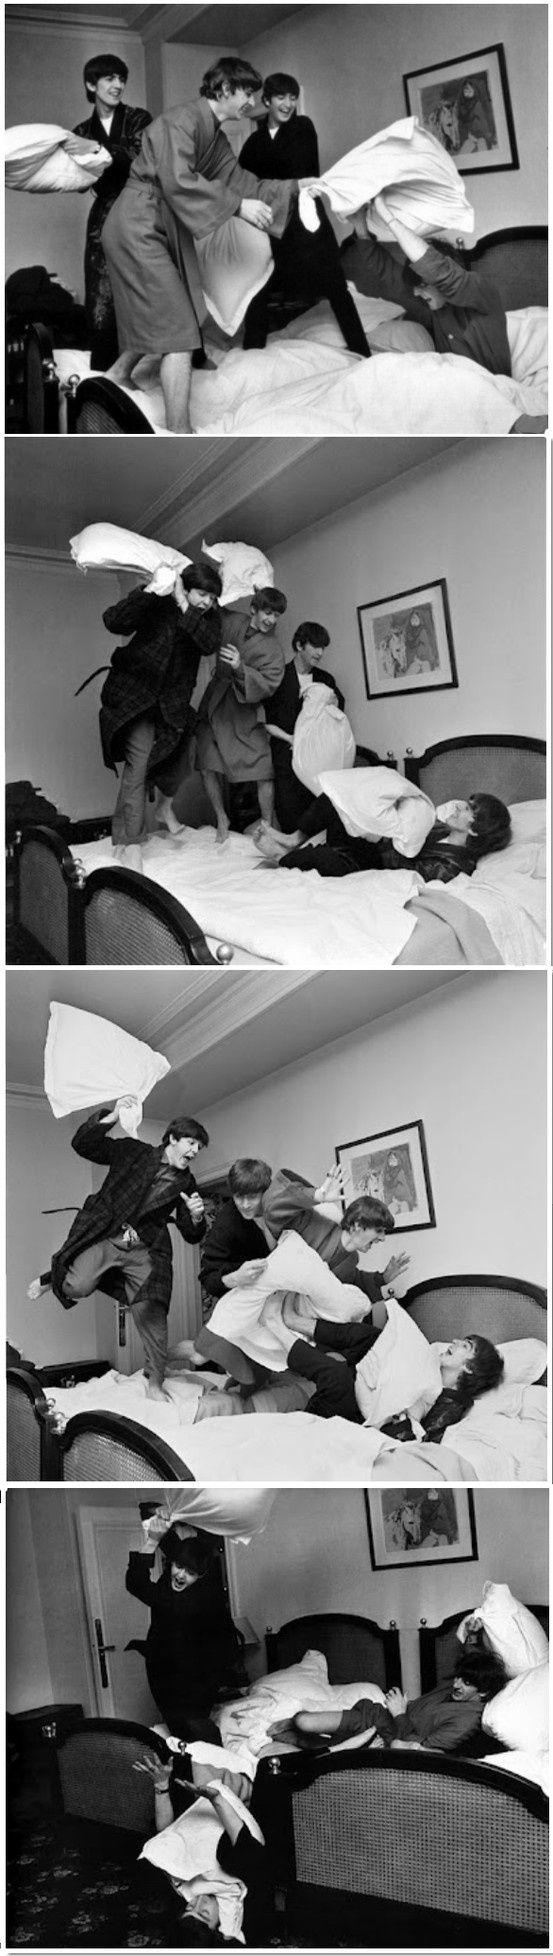 The Beatle's Bedtime Battle.